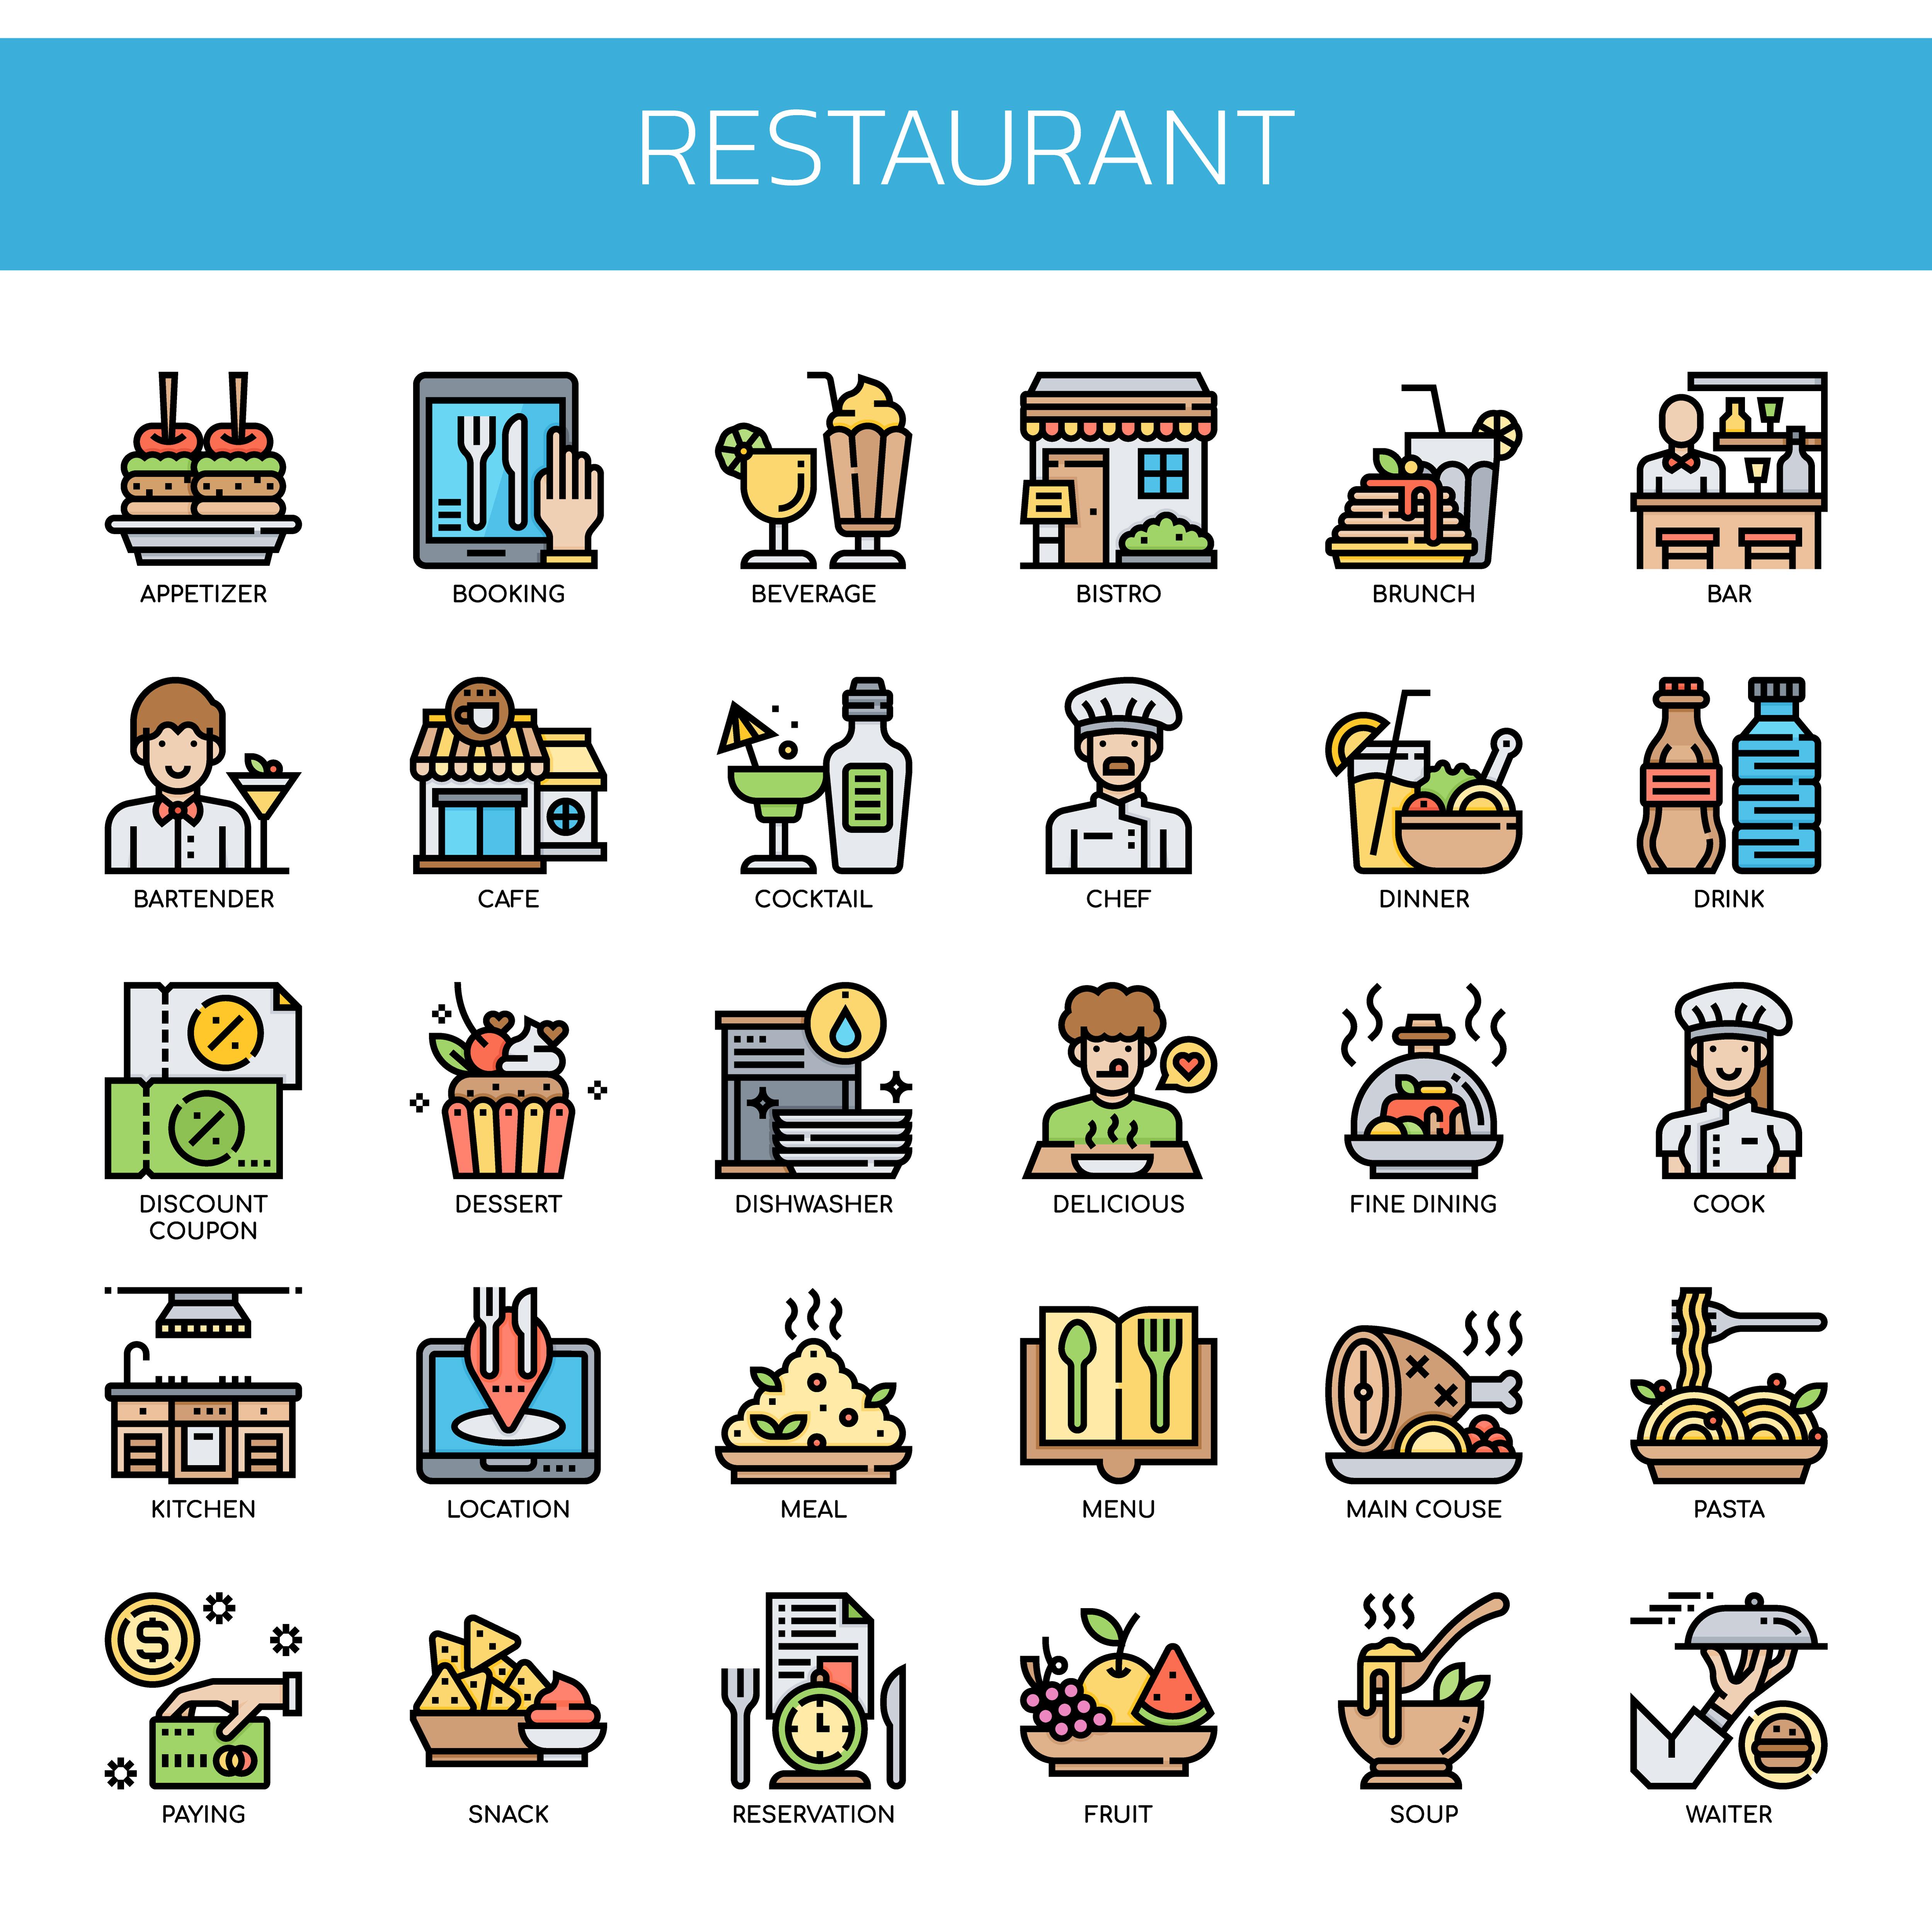 Elementos De Restaurante Linea Delgada Y Pixel Perfect Icons Descargar Vectores Gratis Illustrator Graficos Plantillas Diseno